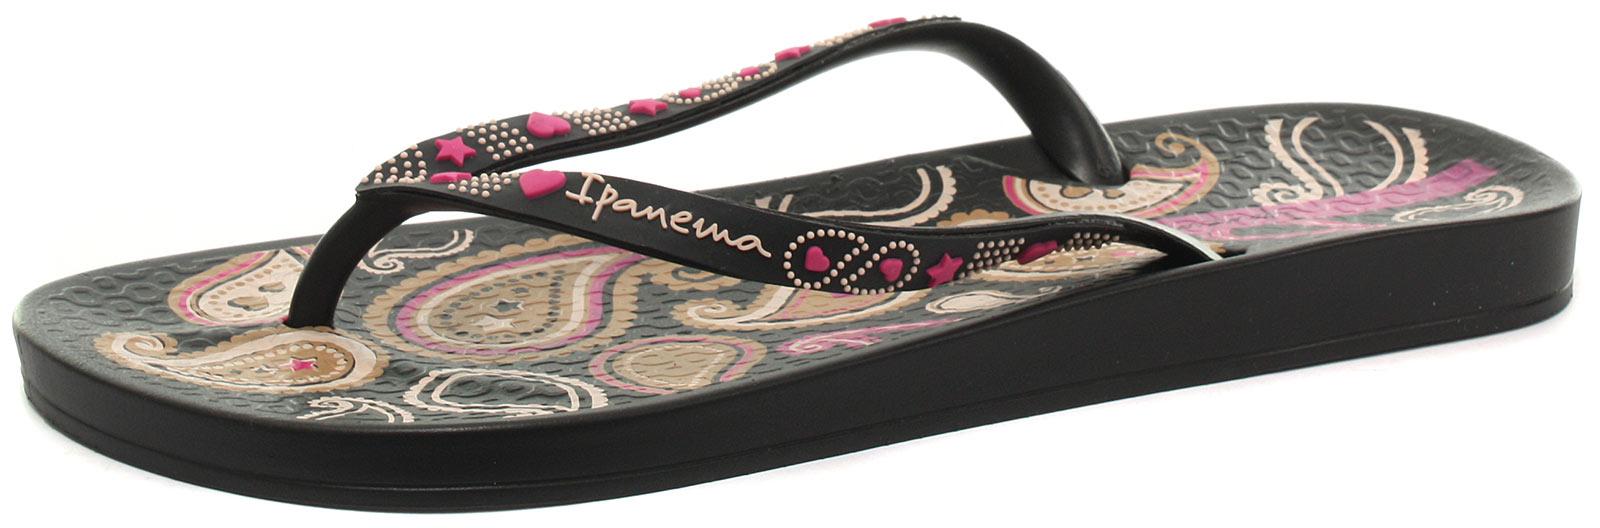 0e98e234328b7 IPANEMA BRASIL LOVELY V Black Womens Flip Flops Size UK 4 (EU 37 ...